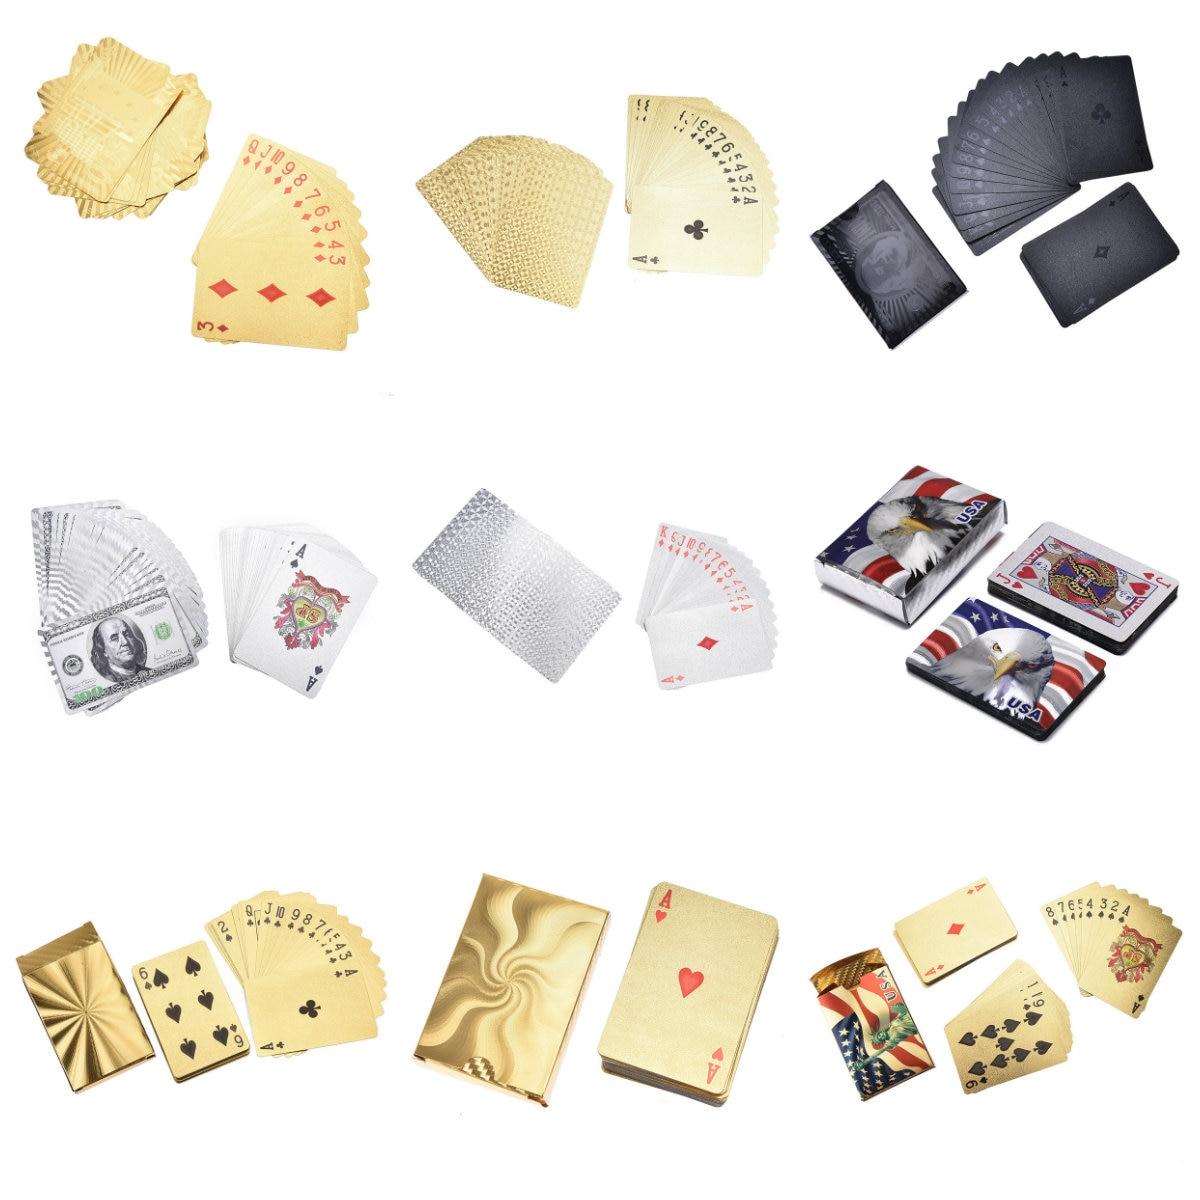 Cartas de jogo de poker euro estilo dourado, prata, 10 estilos, baralho à prova dágua, jogo de tabuleiro 1 caixa